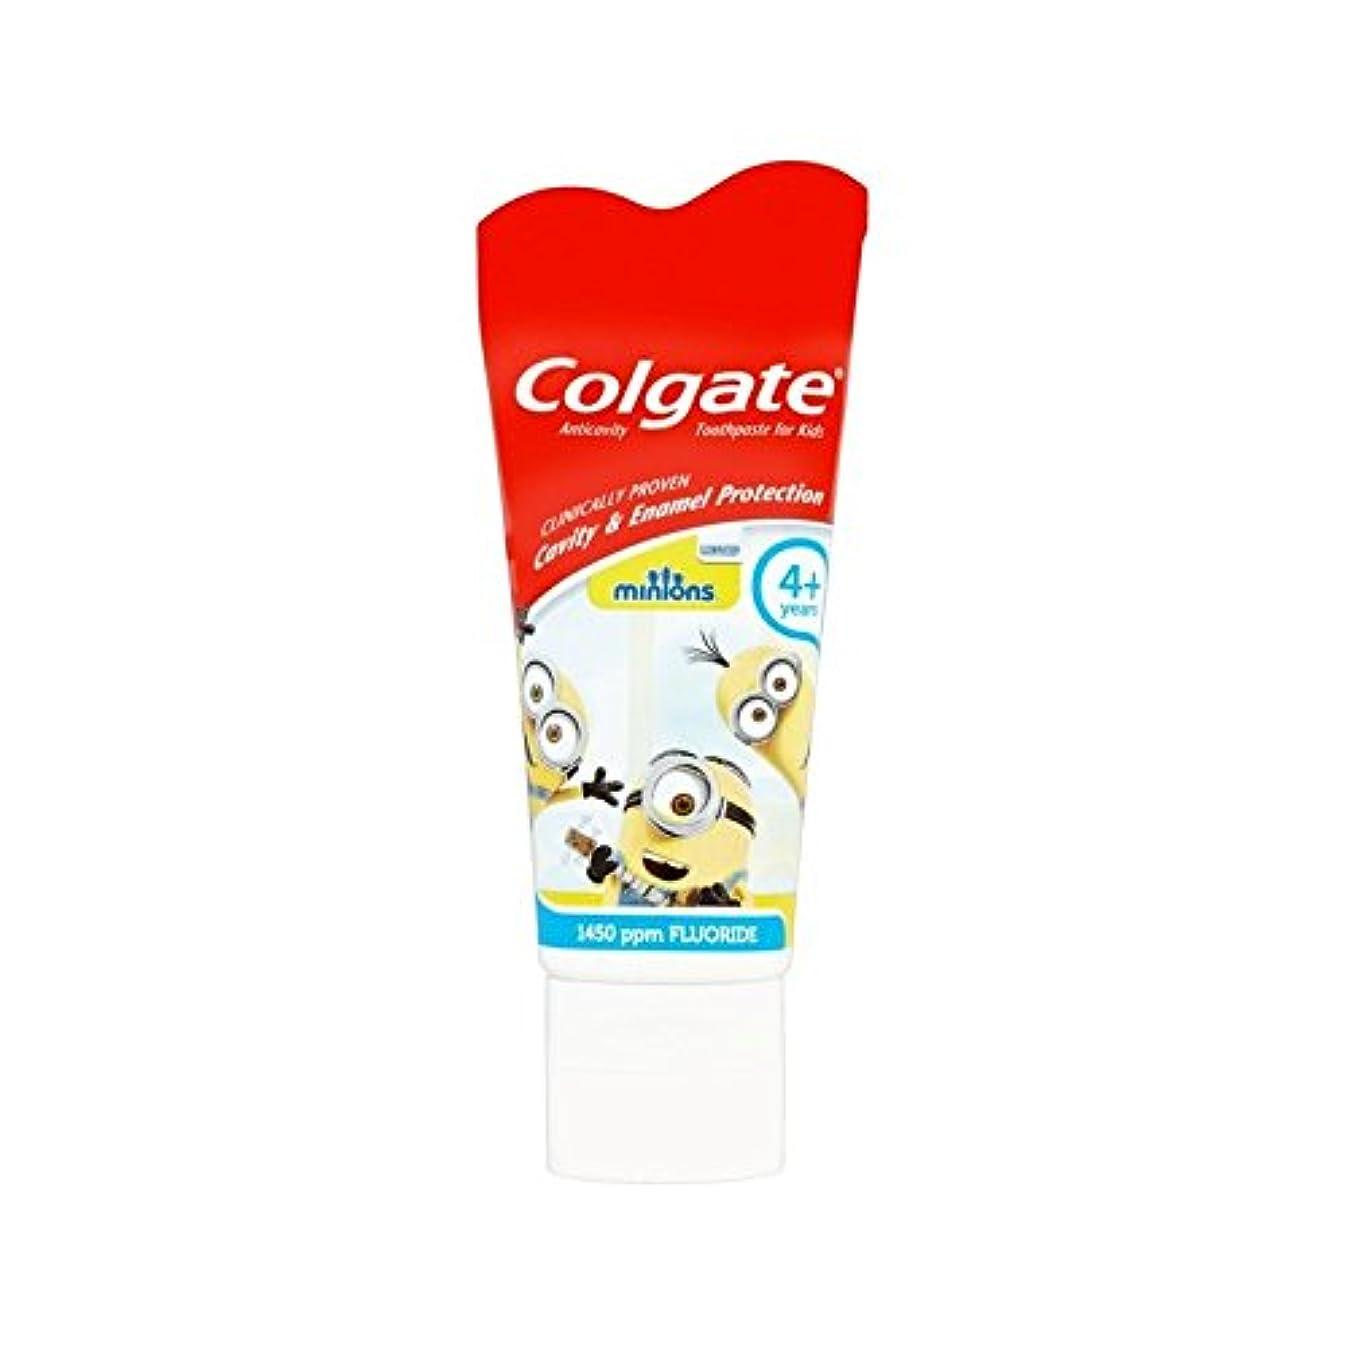 仮定、想定。推測気になるペダル手下の子供4+歯磨き粉50ミリリットル (Colgate) - Colgate Minions Kids 4+ Toothpaste 50ml [並行輸入品]